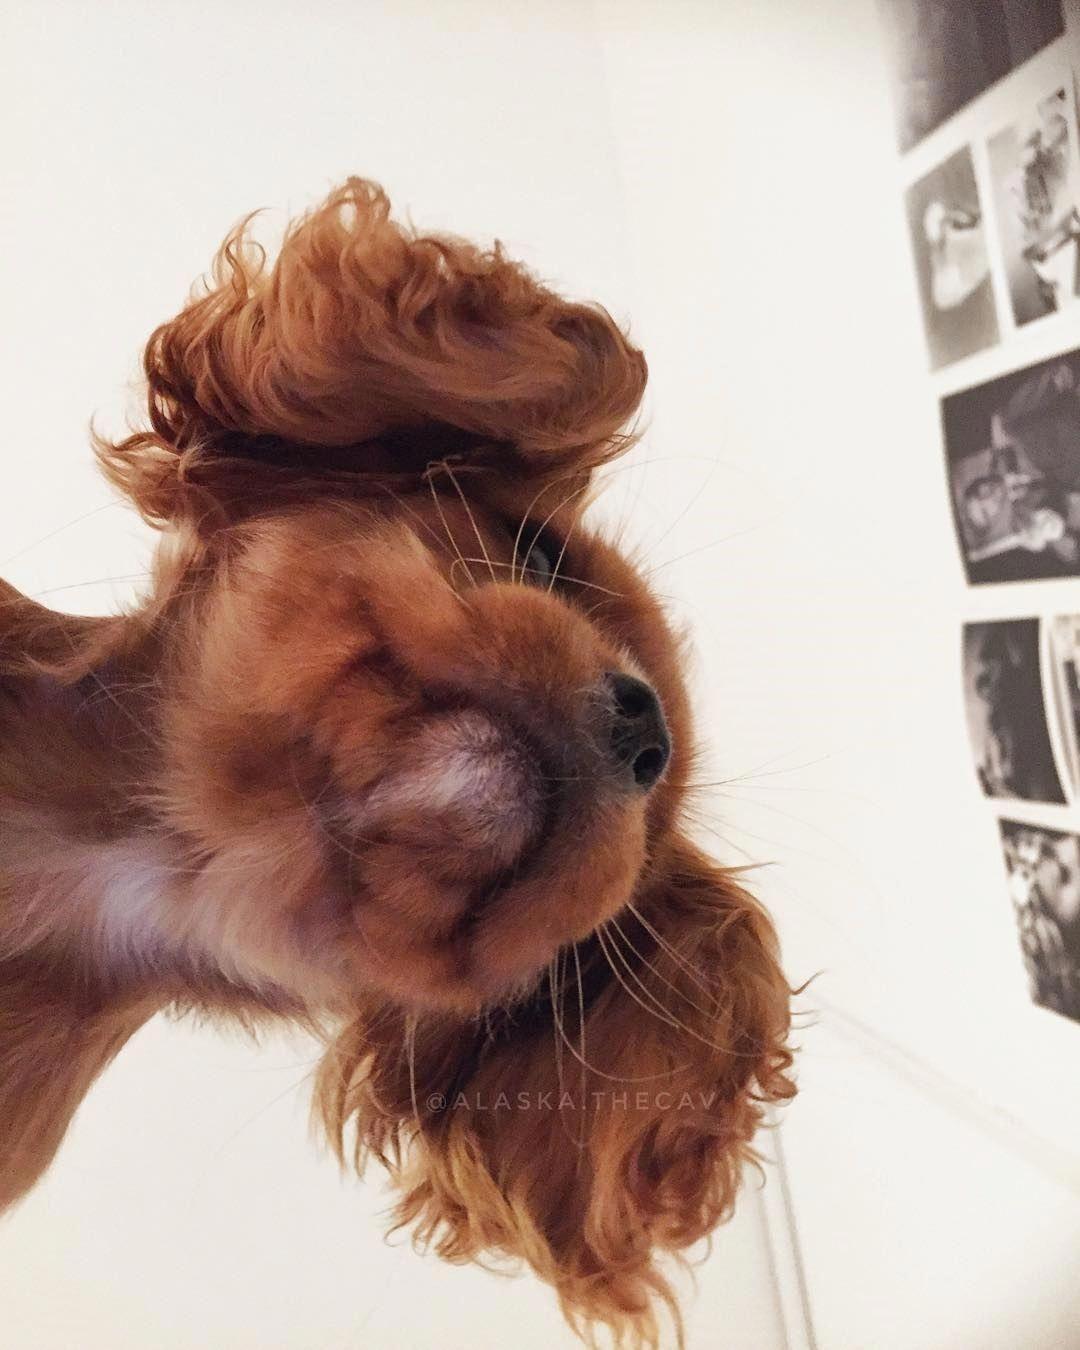 Cavalierkingcharlesspaniel King Charles Cavalier Spaniel Puppy